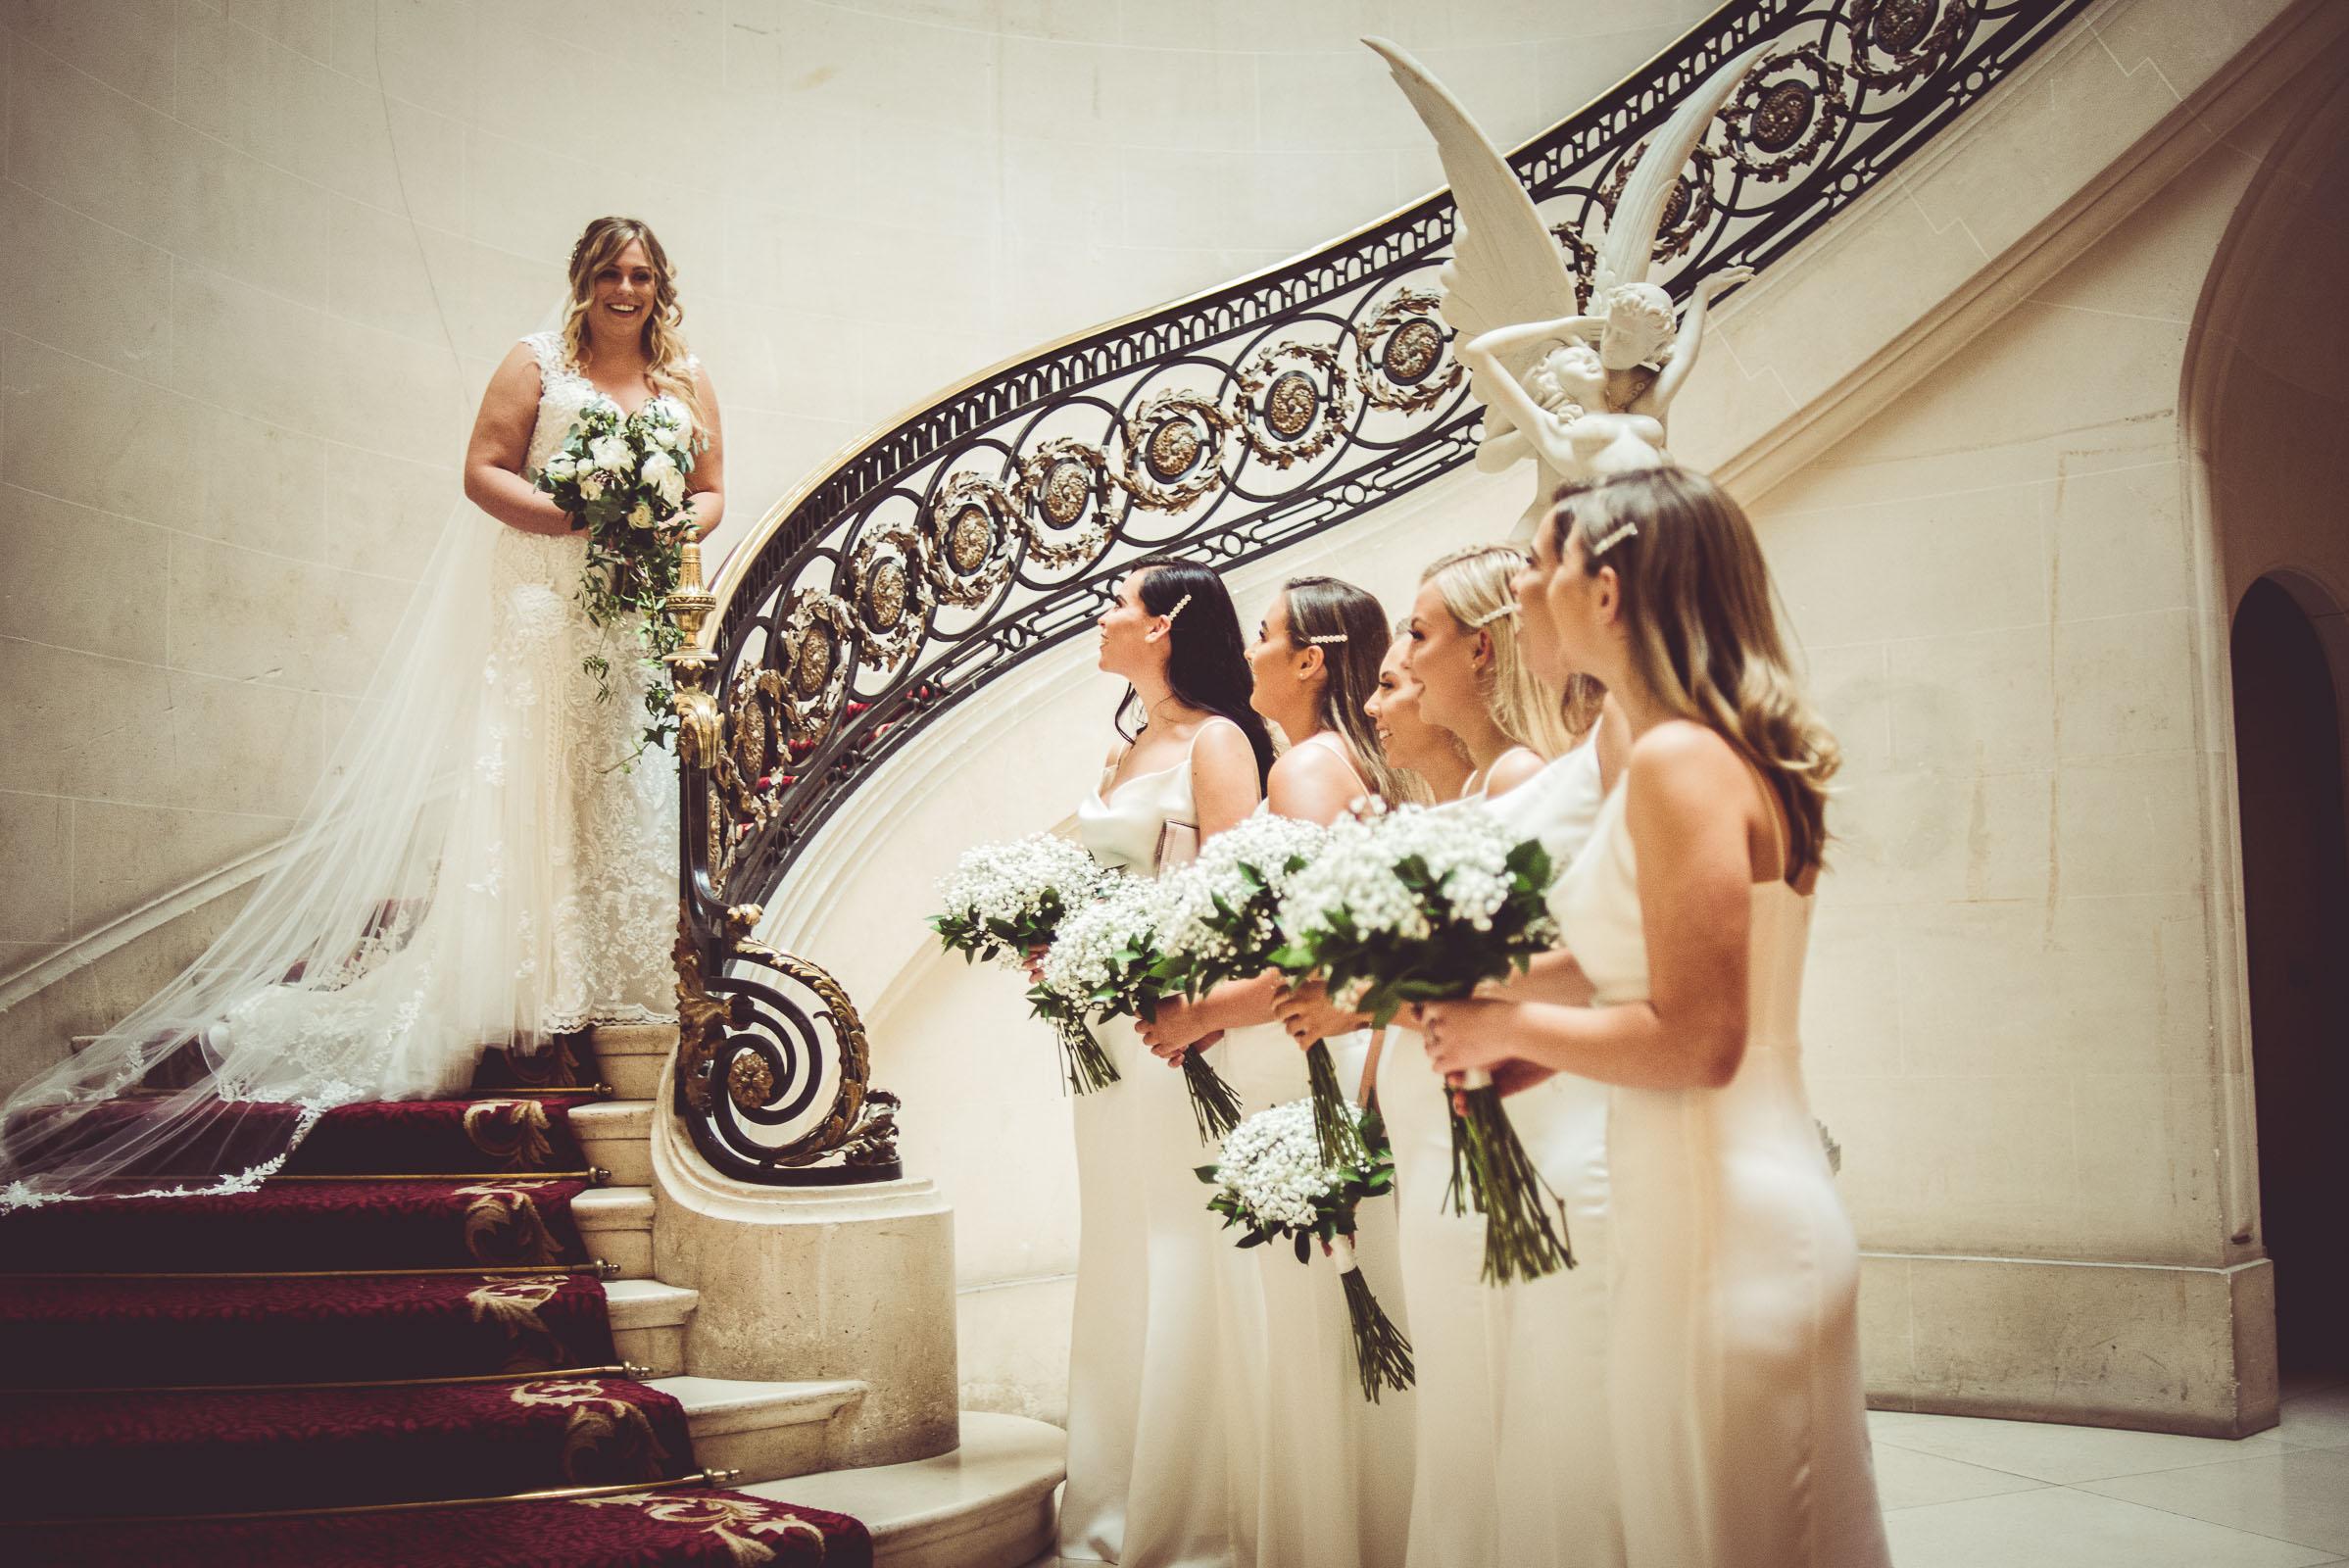 Lutonhoo-wedding-Bedfordshire-Datchworth-Tewinburyfarm-27.jpg